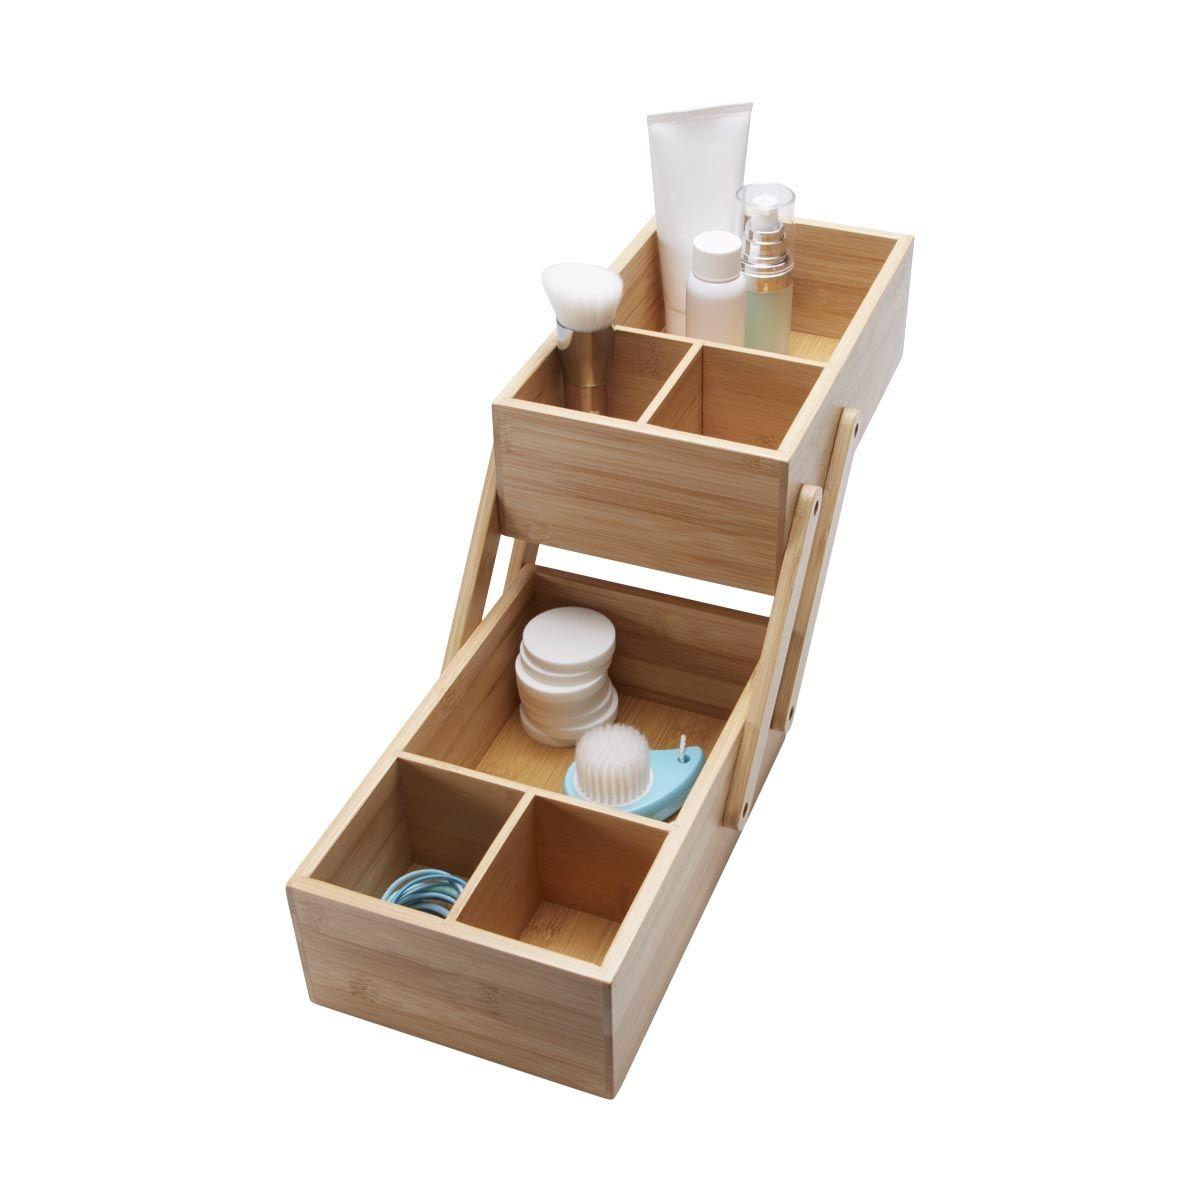 2 Tier Bamboo Organiser Kmartnz 14 Bathroom Shop Cupboard Storage Bathroom Faucets